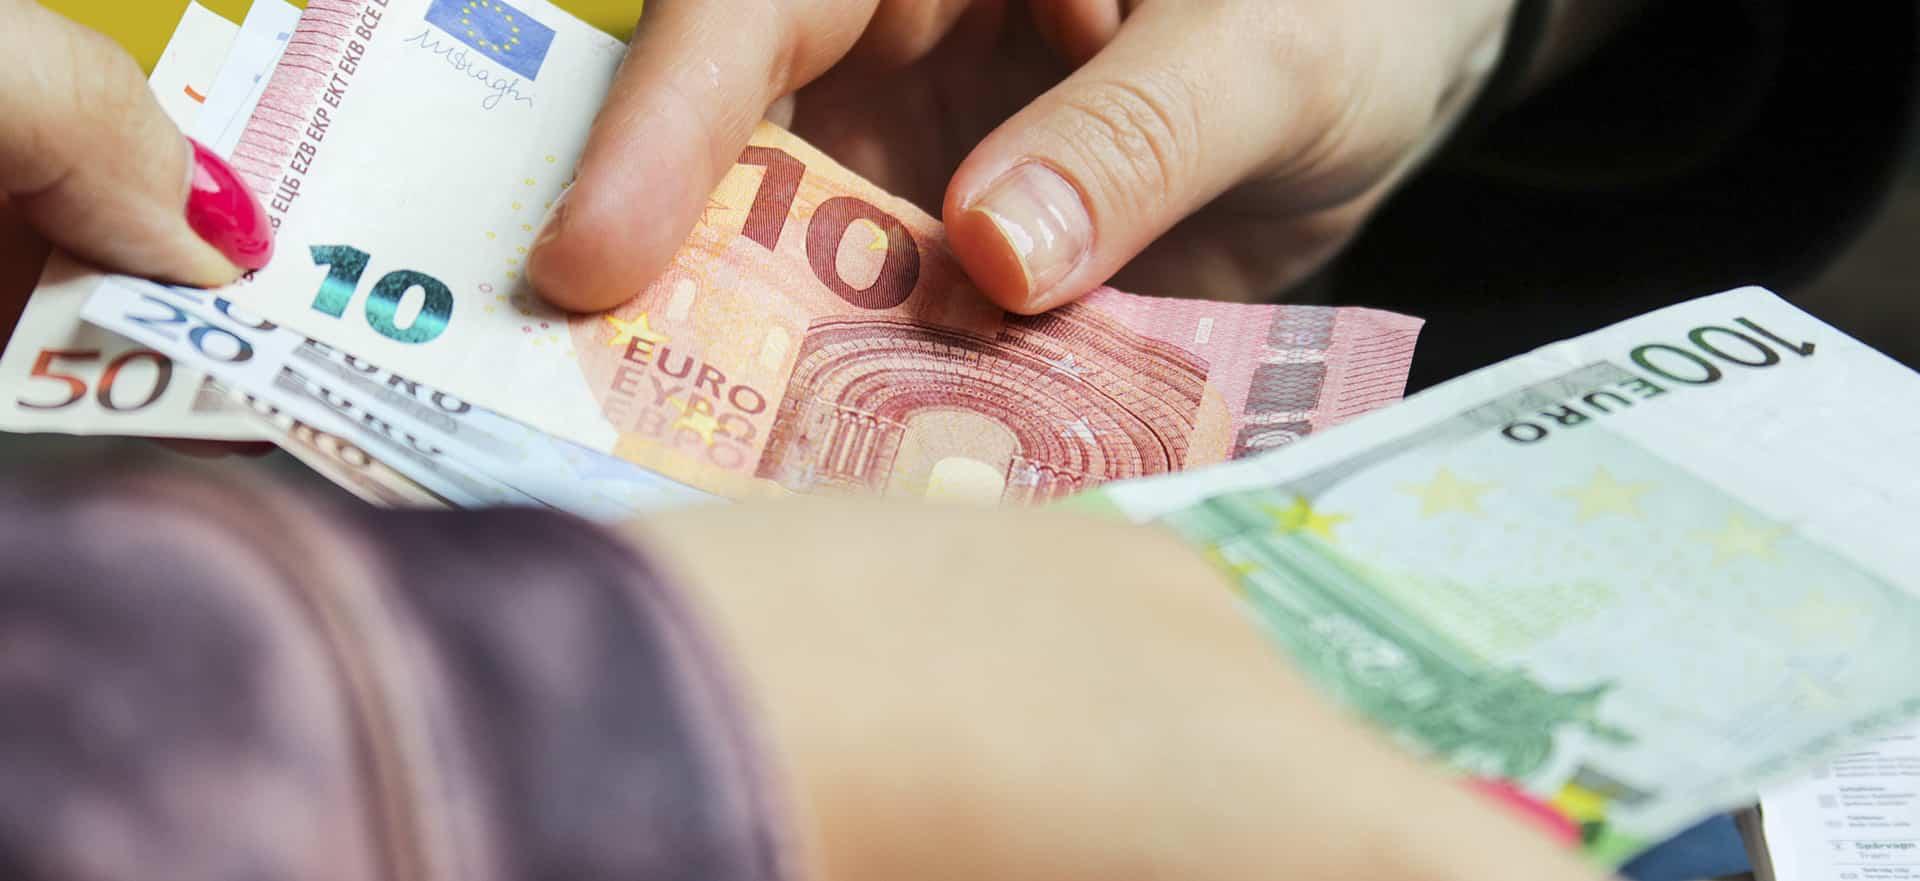 Franquicias de tintorería, la ventaja del flujo de efectivo